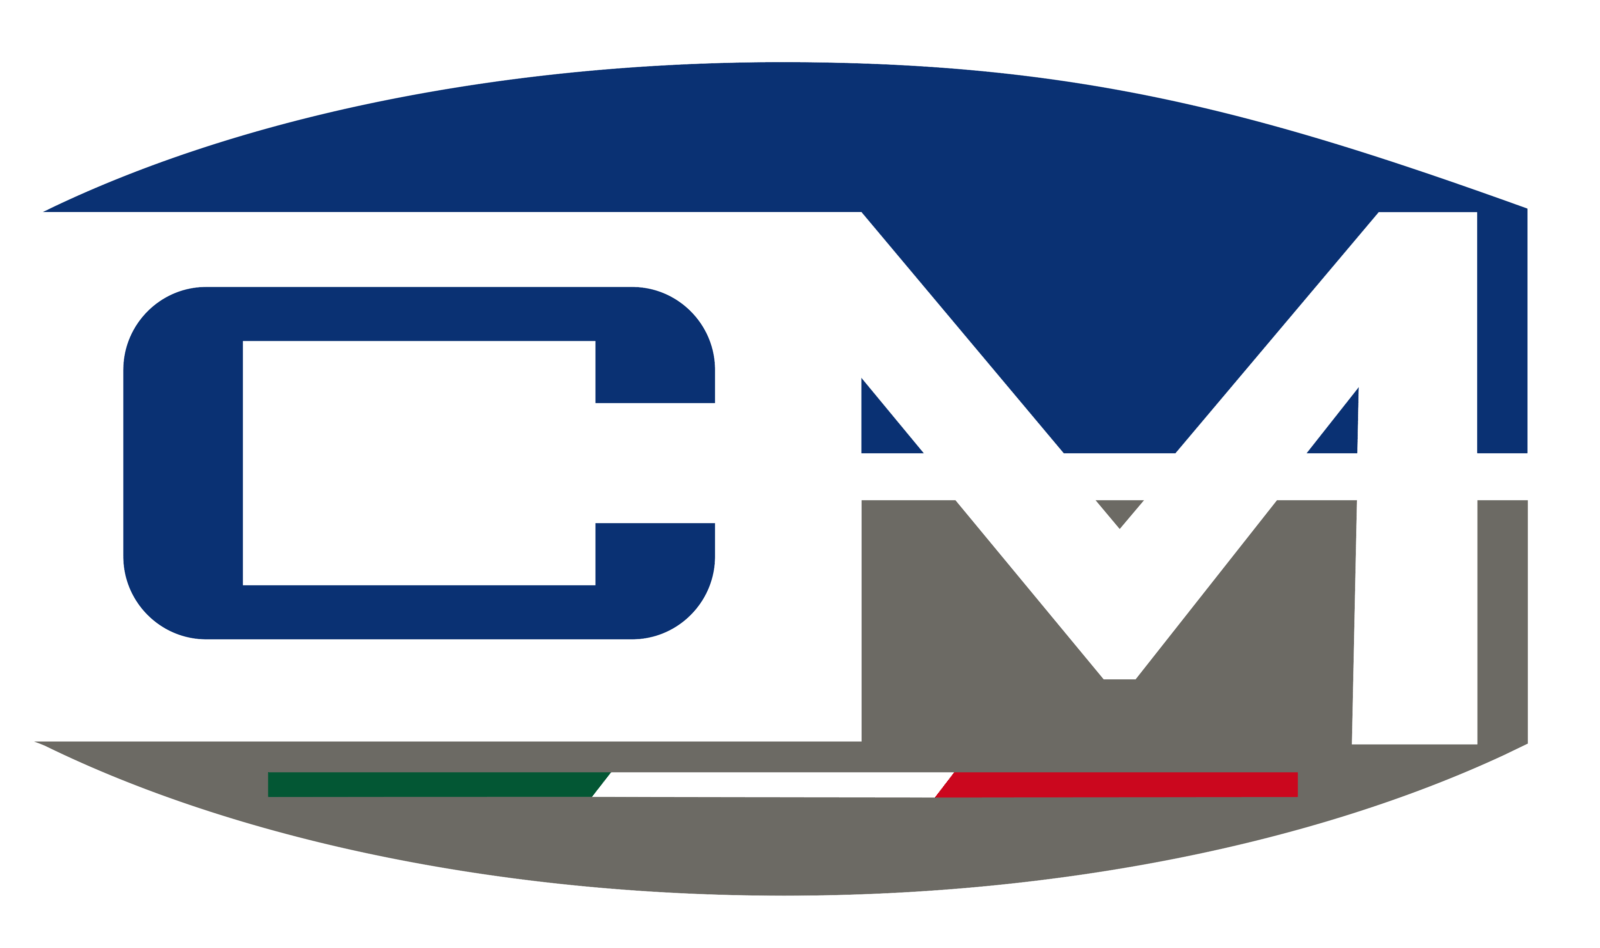 Portoni Macerata